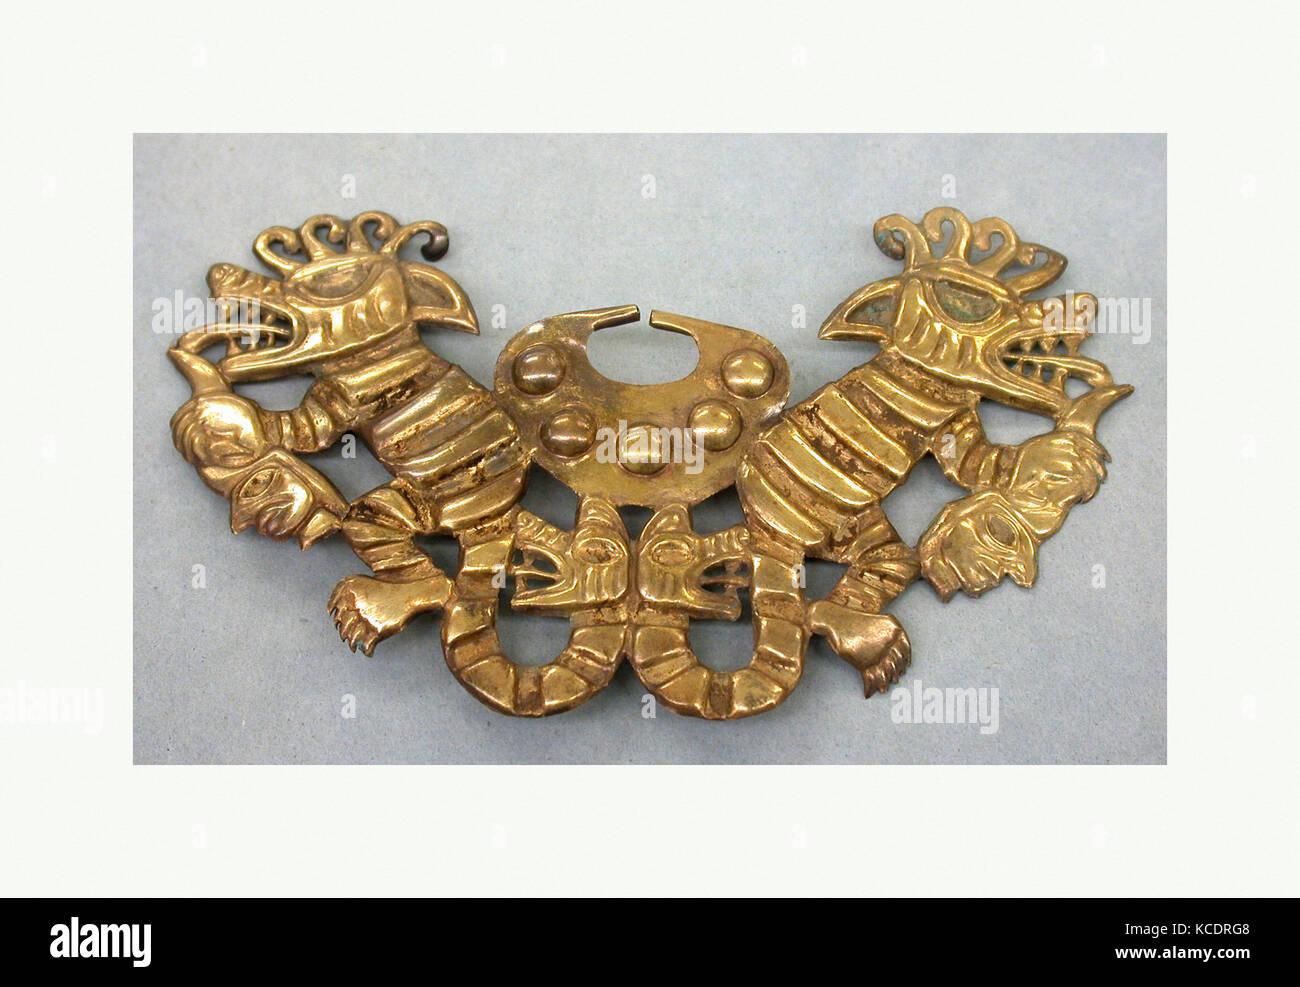 Nose Ornament, 390–450, Peru, Moche (Loma Negra), Gold, H. 2 5/8 x W. 4 1/4 x D. 1/2 in. (6.7 x 10.8 x 1.3 cm), - Stock Image